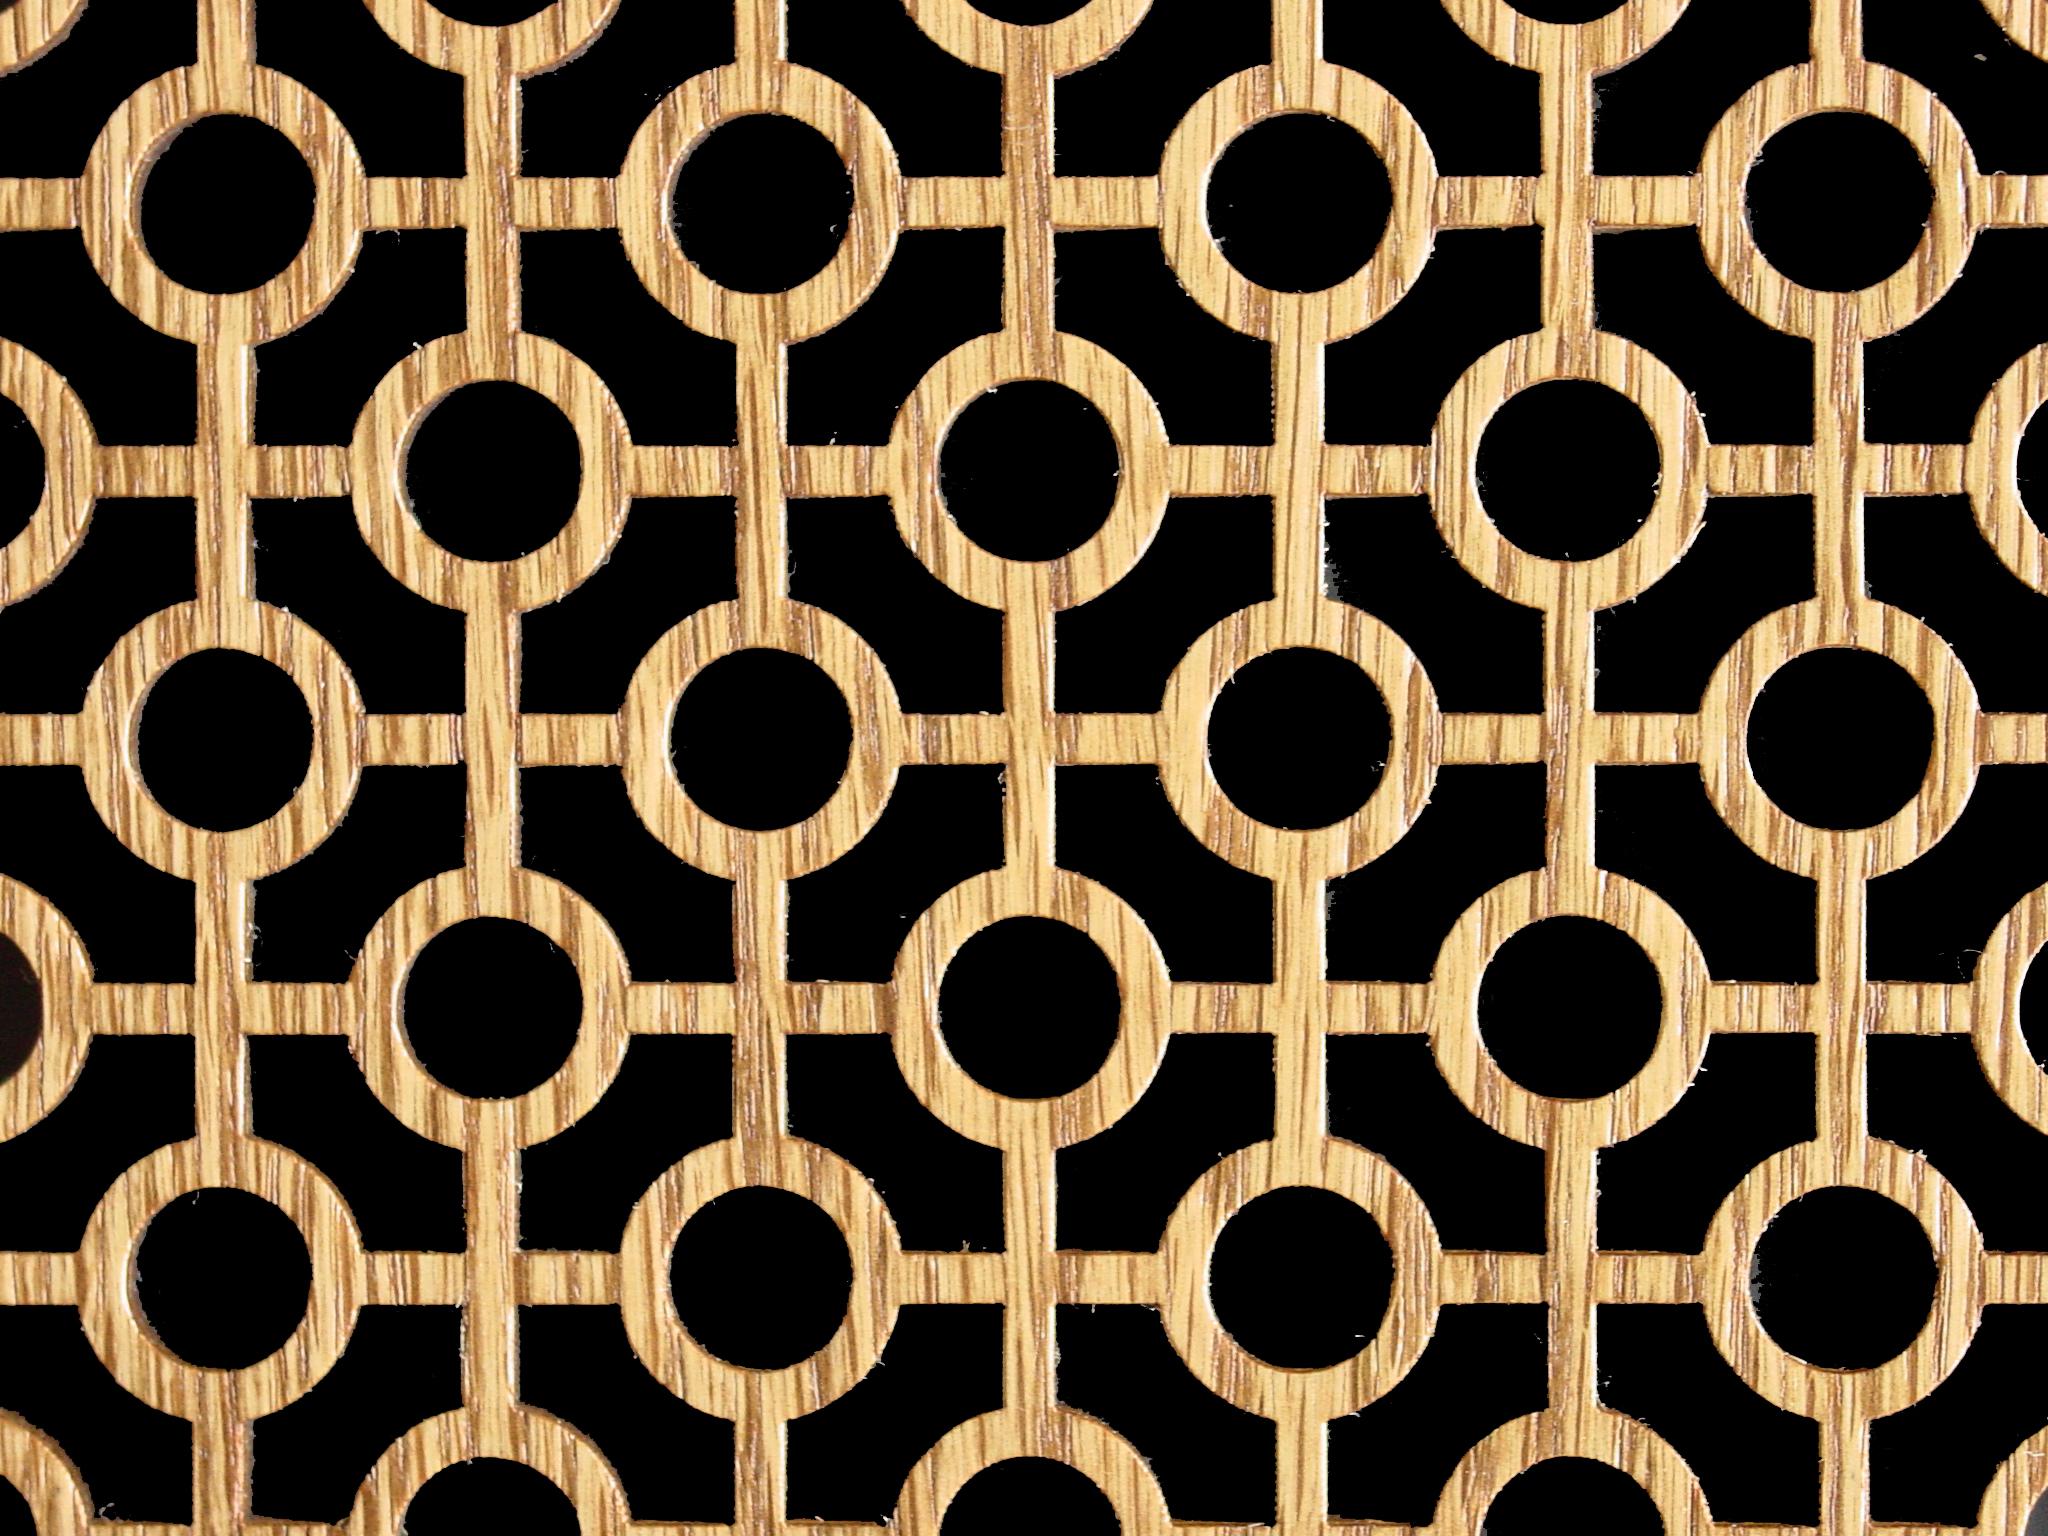 Air Return Grille Decorative Vent Grilles Patterncut